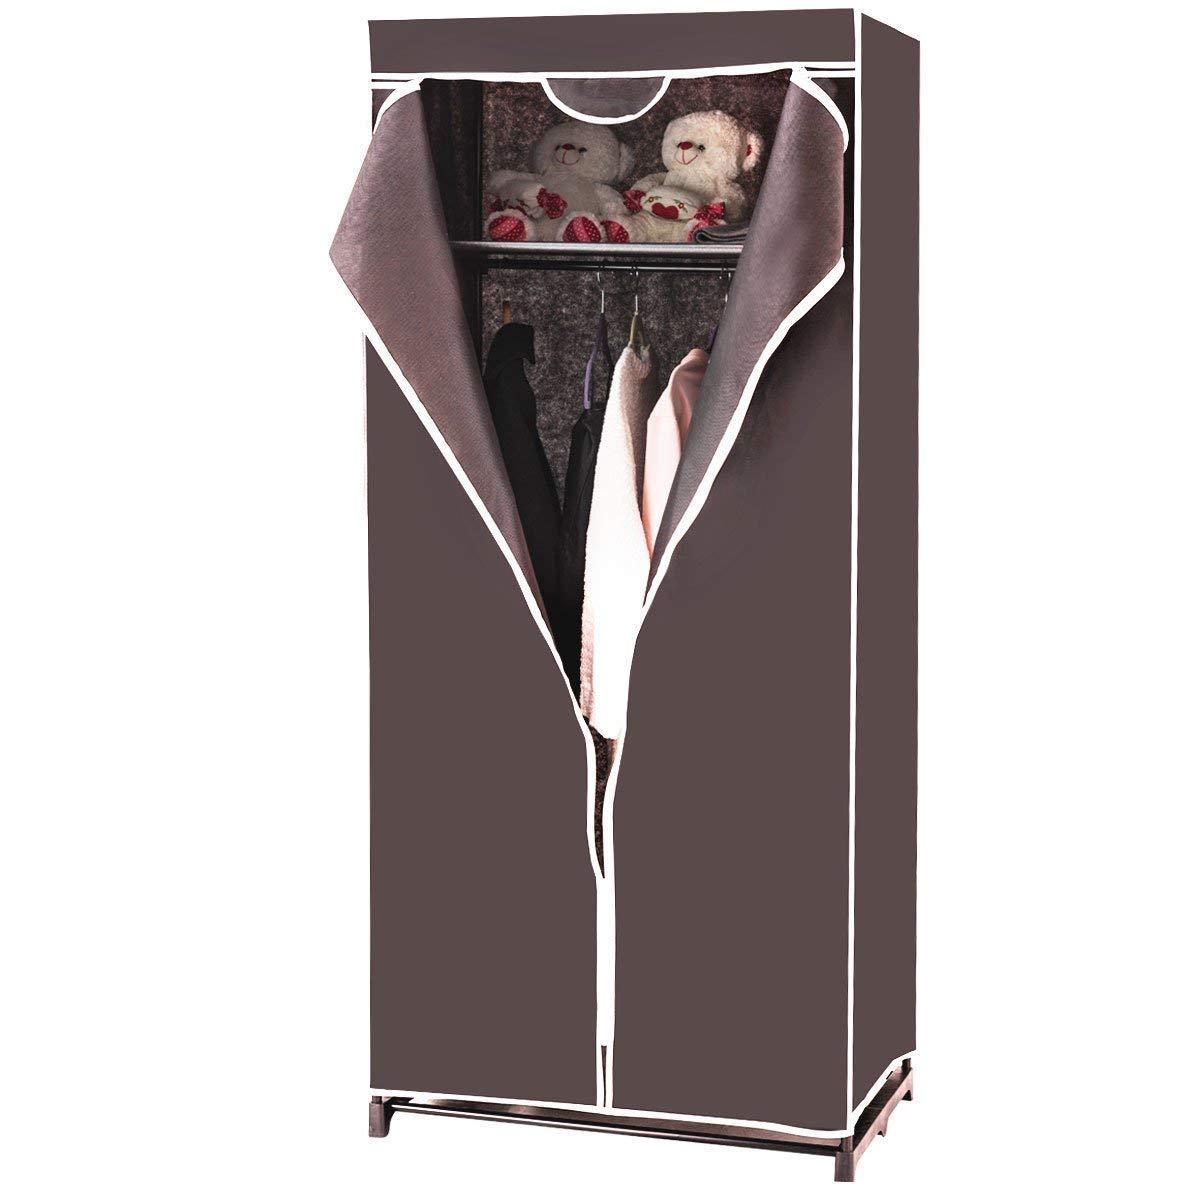 75 x 50 x 170cm Vari Colori Disponibili Costway Armadio in Tessuto Armadio Cabina Pieghevole con Asta Appendiabiti Nero